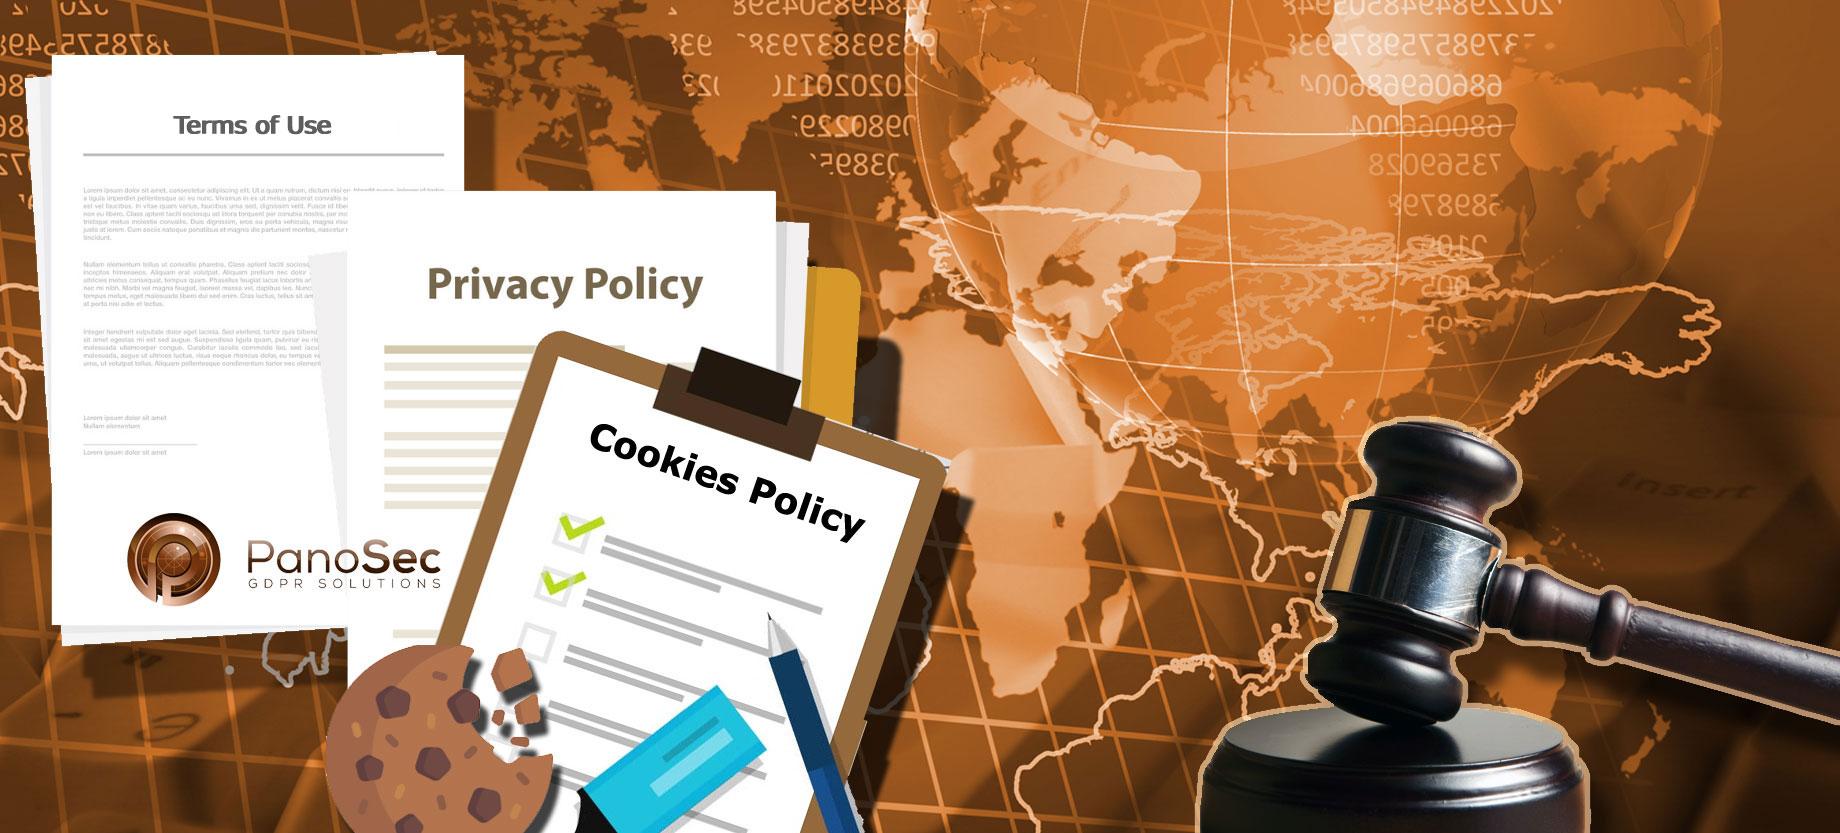 gdpr privacy policies